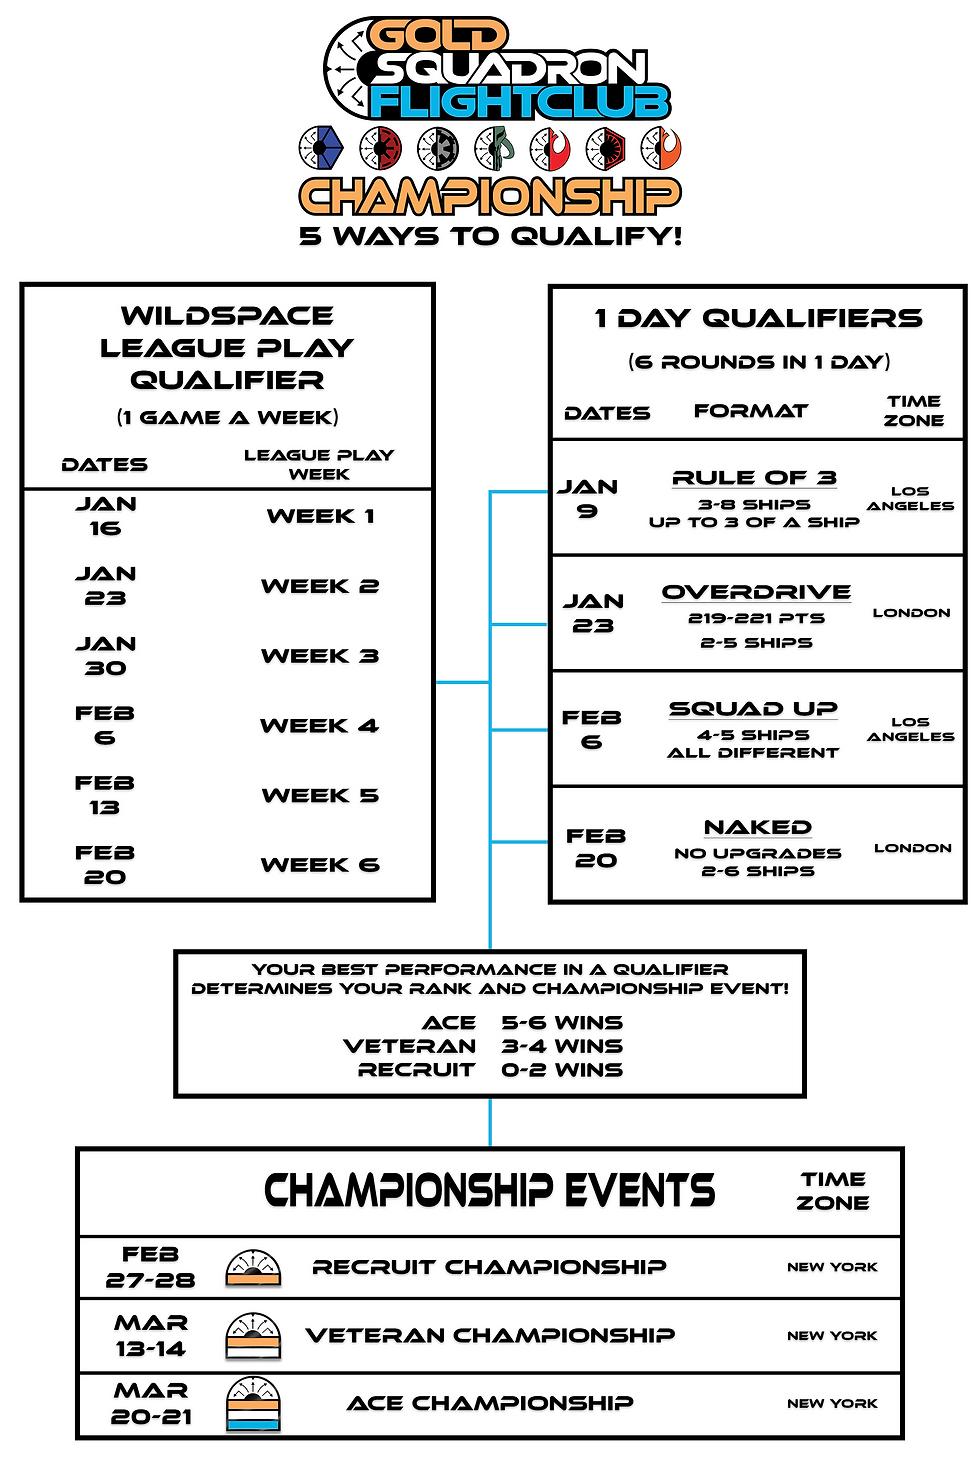 Flight Club Championships 2020 schedule